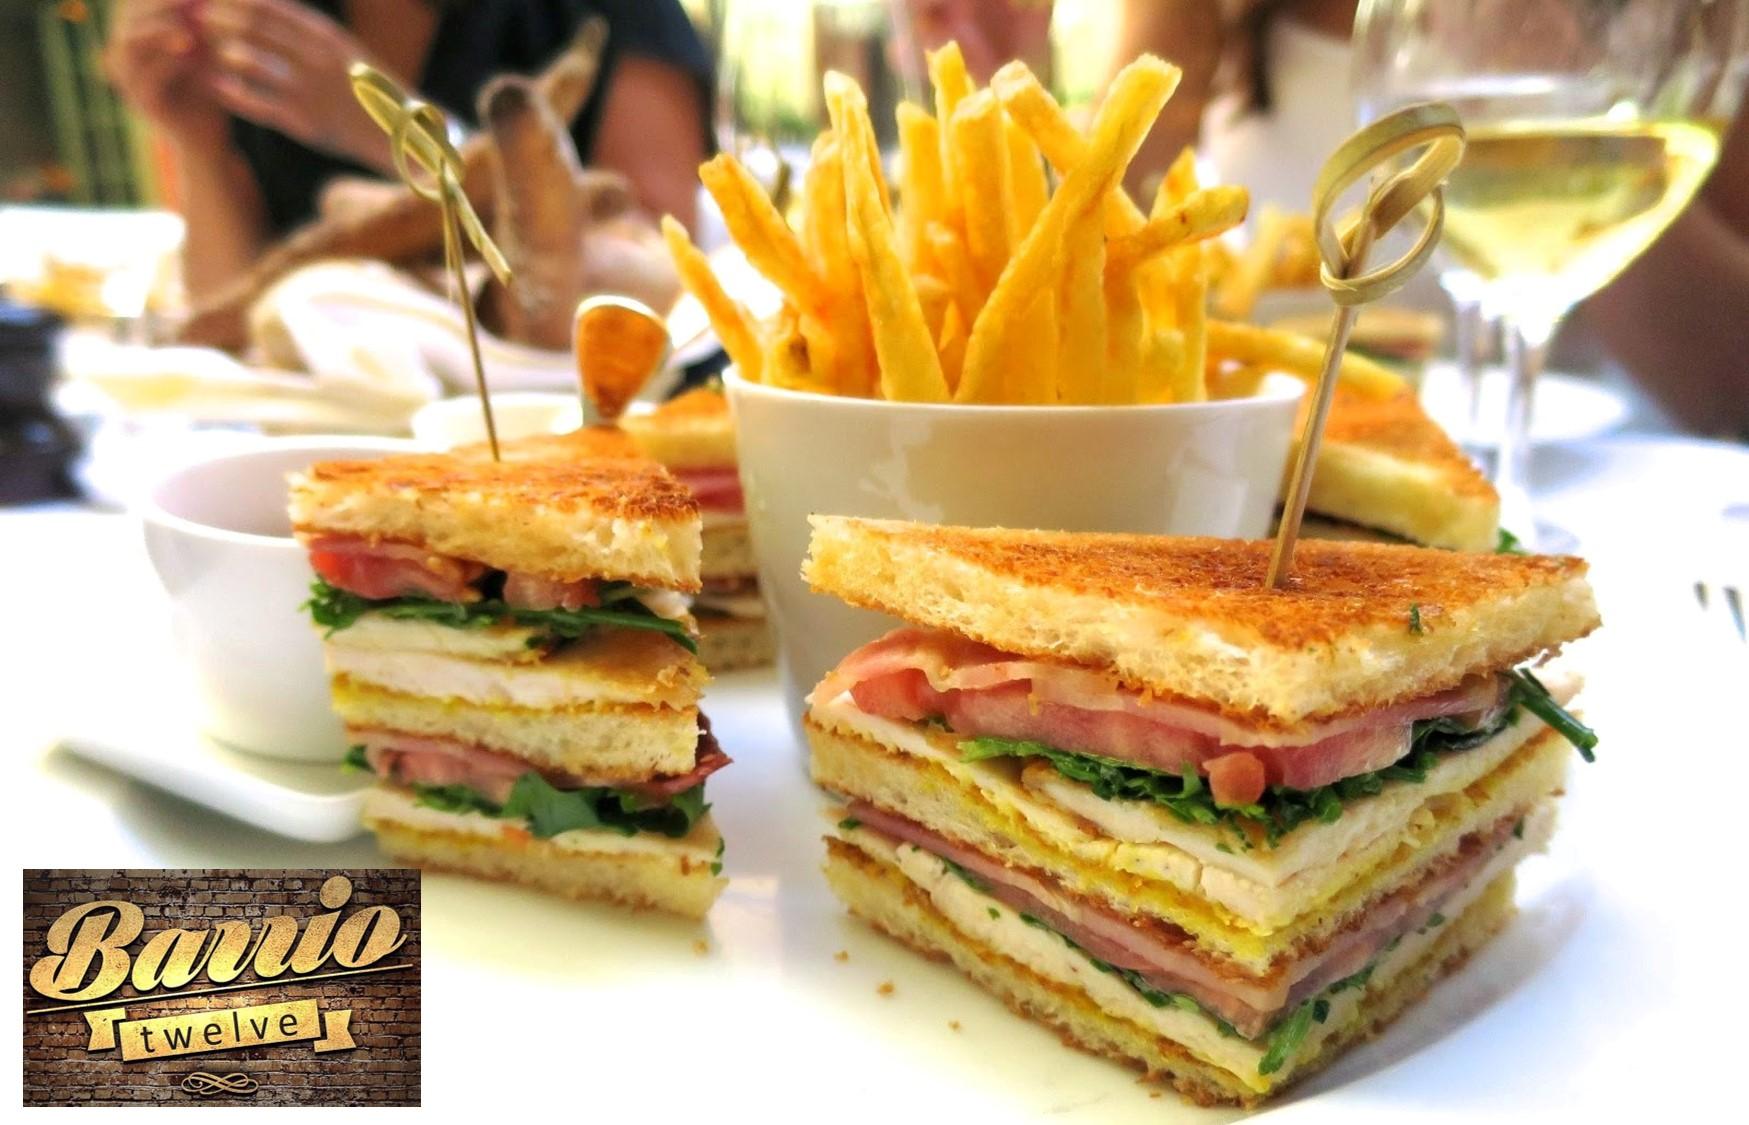 11,9€ από 18€ για Λαχταριστό Club Sandwich με πατάτες μαζί με 4 Ποτήρια Κρασί, στο πανέμορφο ''Barrio 12'', στο Ψυχικό εικόνα